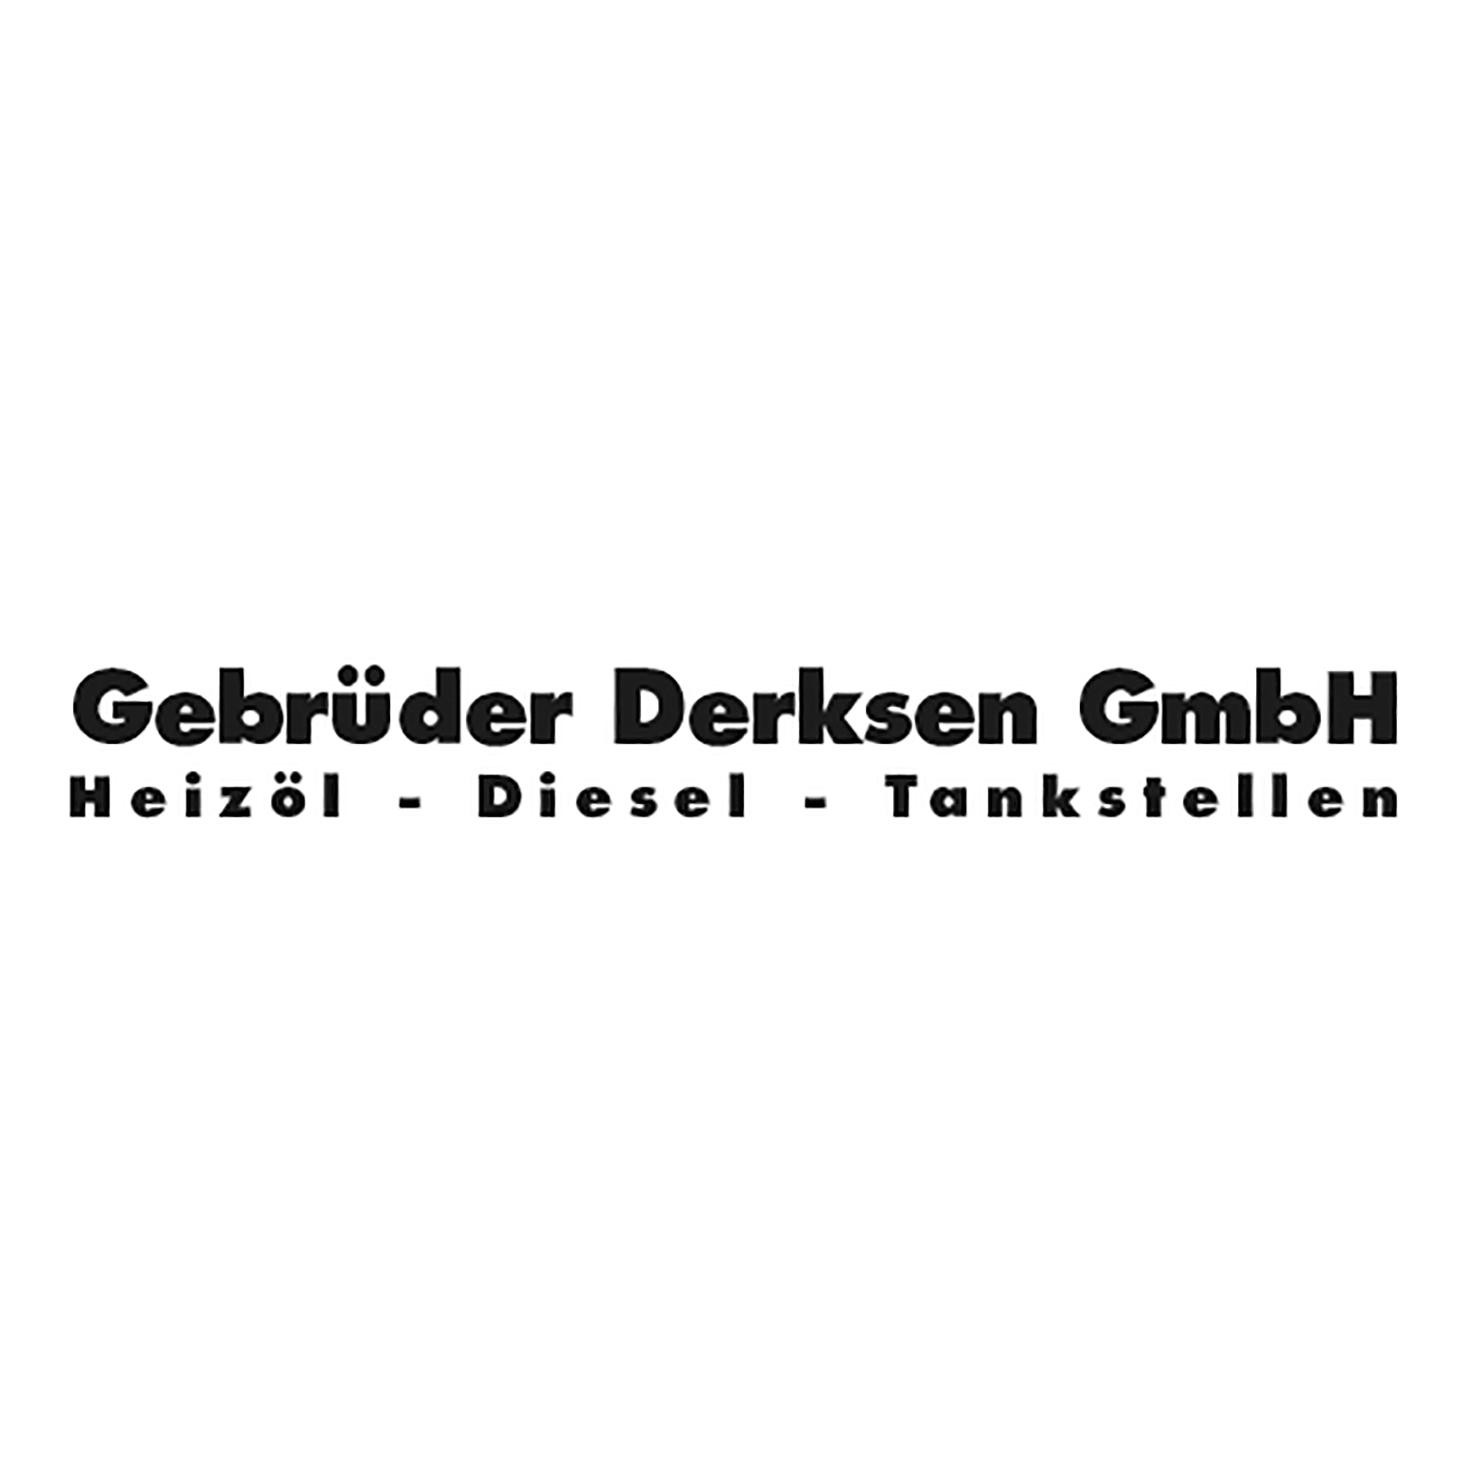 Logo von Gebrüder Derksen GmbH